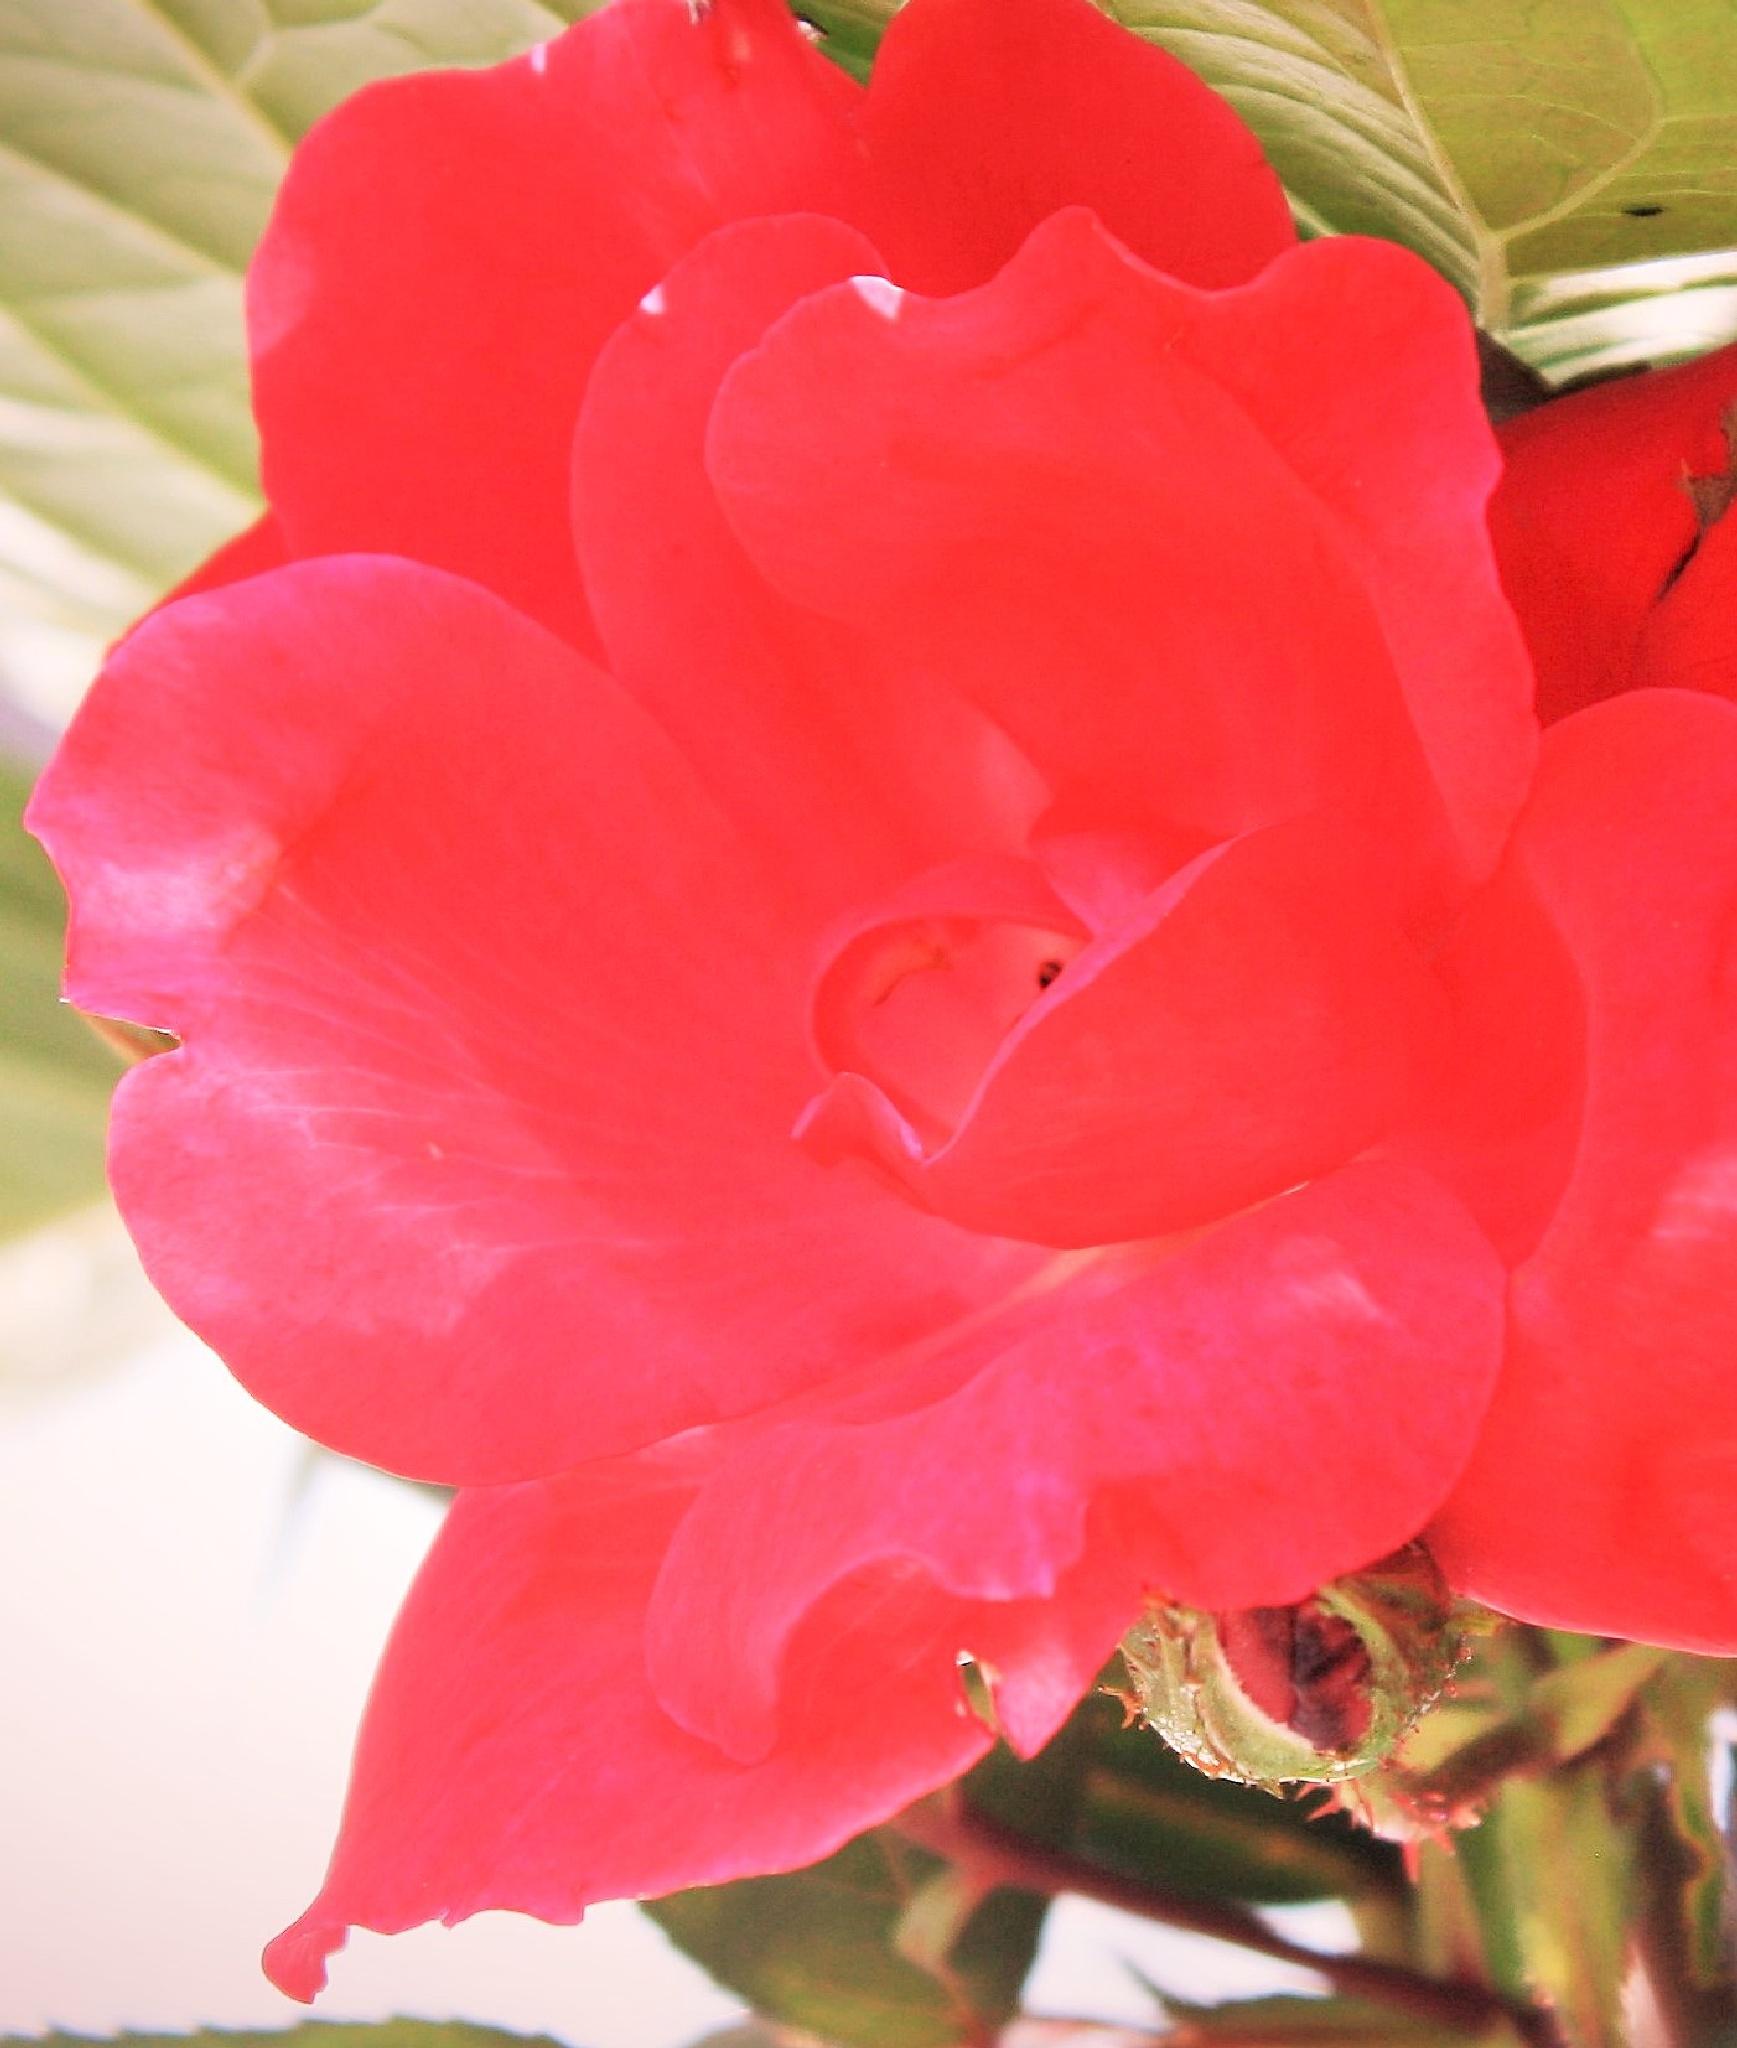 Rose in Sun by joann.kunkle